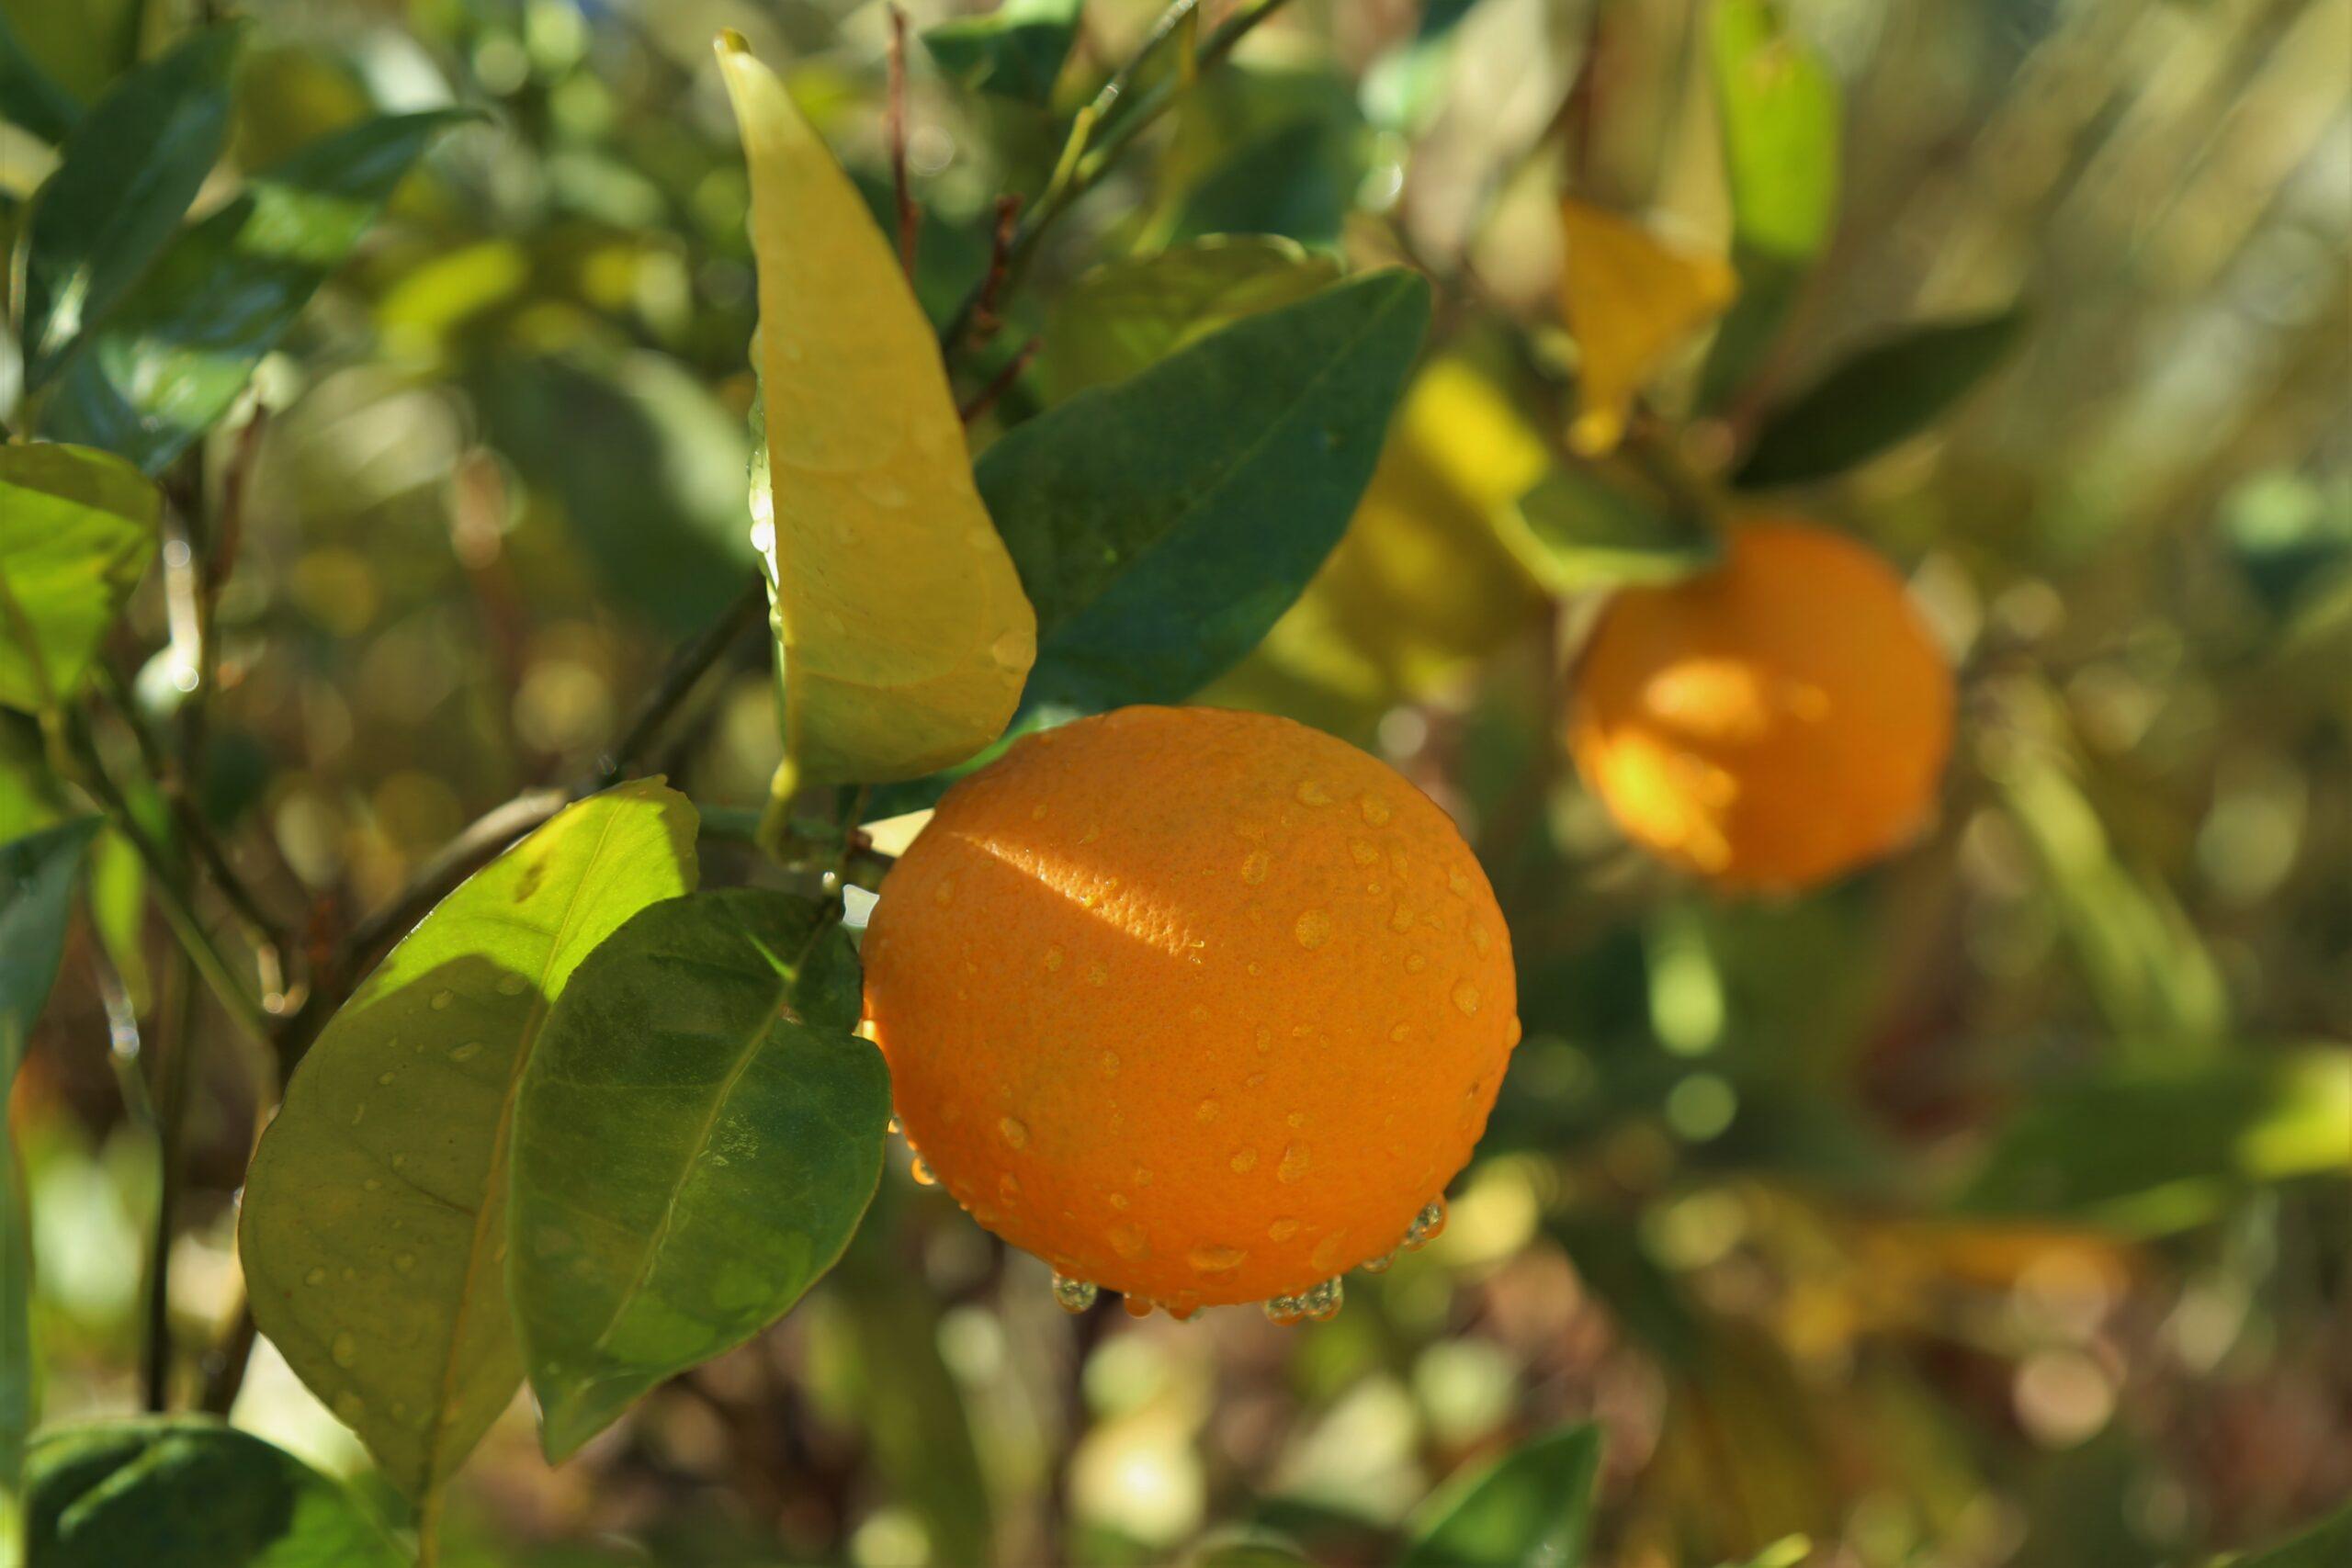 Citrus farms in AlUla